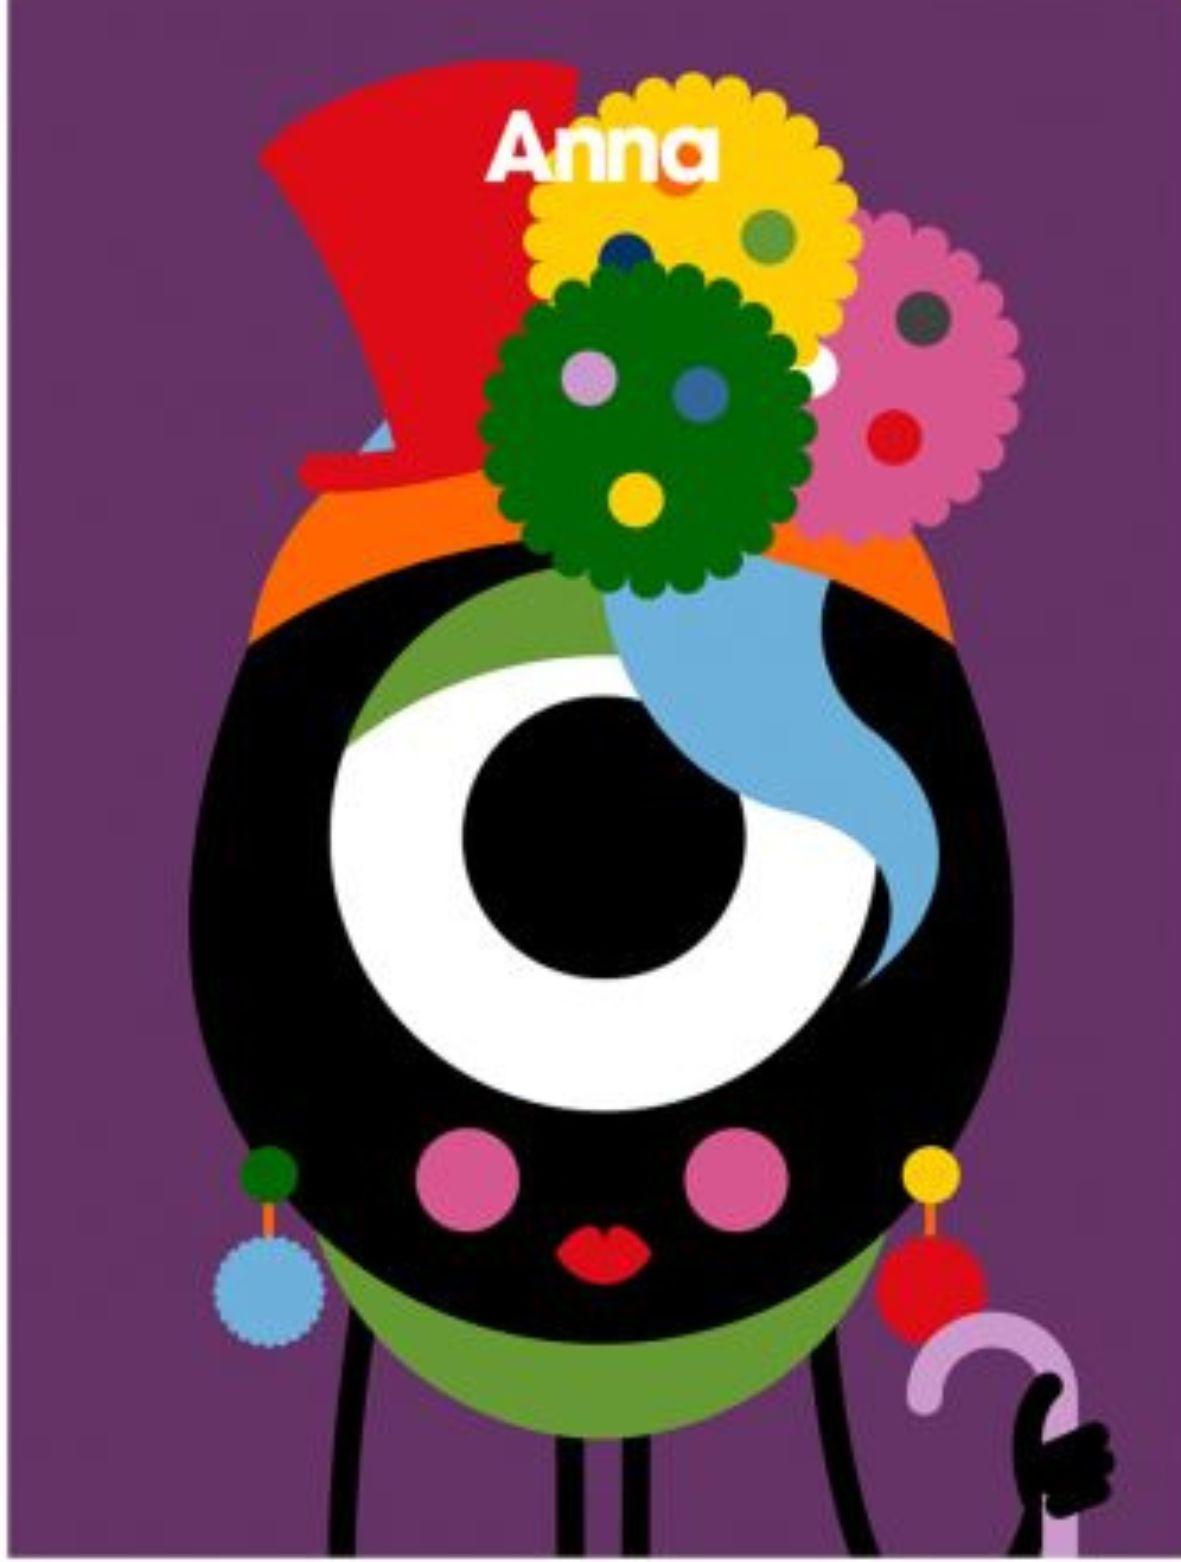 http://3.bp.blogspot.com/-bWieAiVim_I/T5f3sB4xvhI/AAAAAAAAB3U/n58r8HiGavA/s1600/5+Anna+Piaggi++Exibition+150.jpg